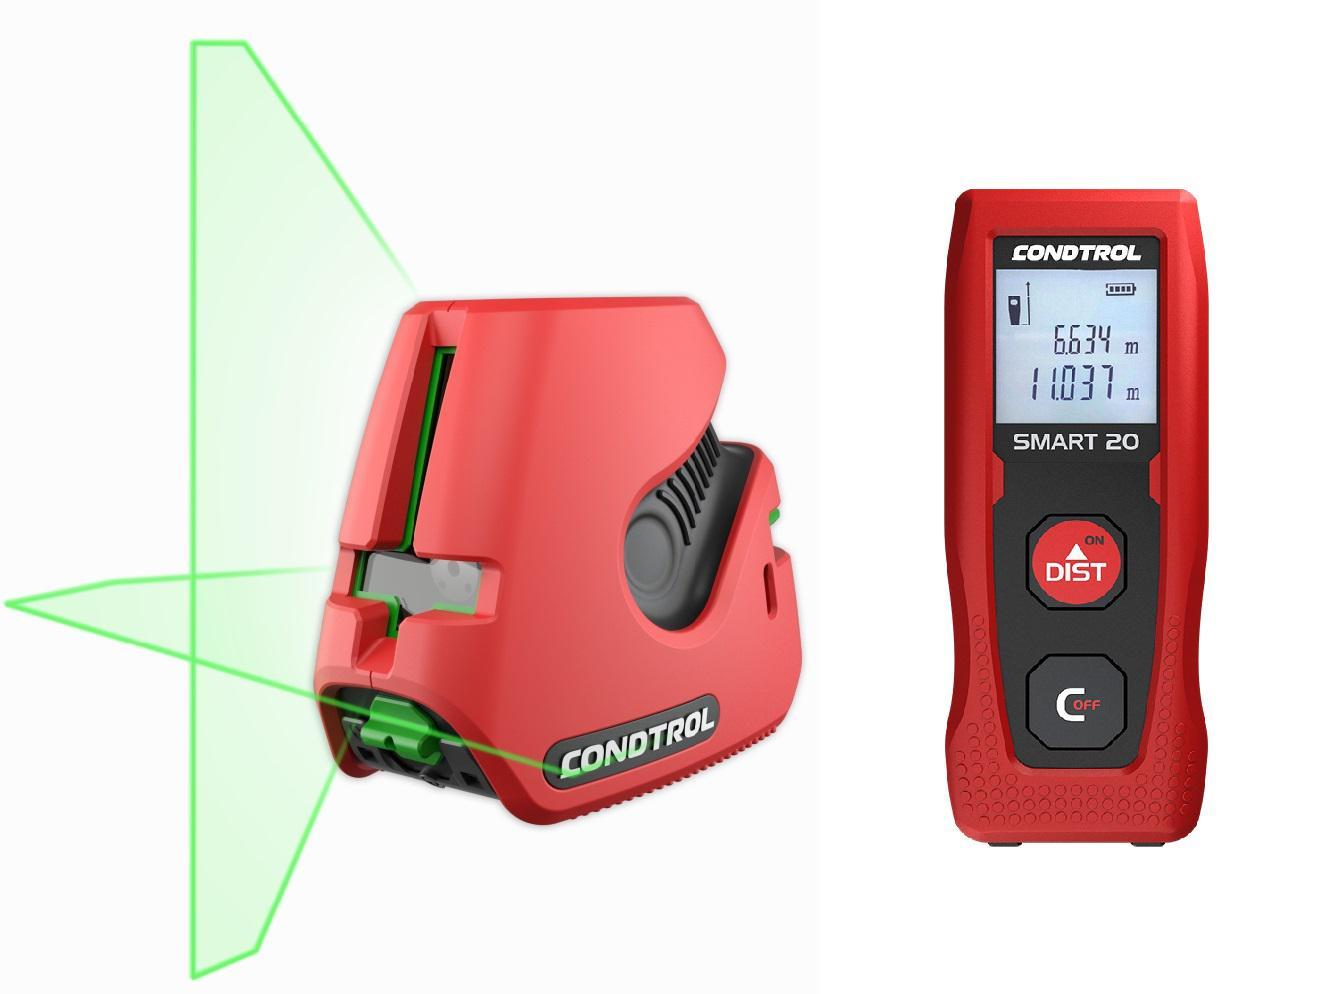 Набор Condtrol Уровень neo g220 set +Дальномер smart 20